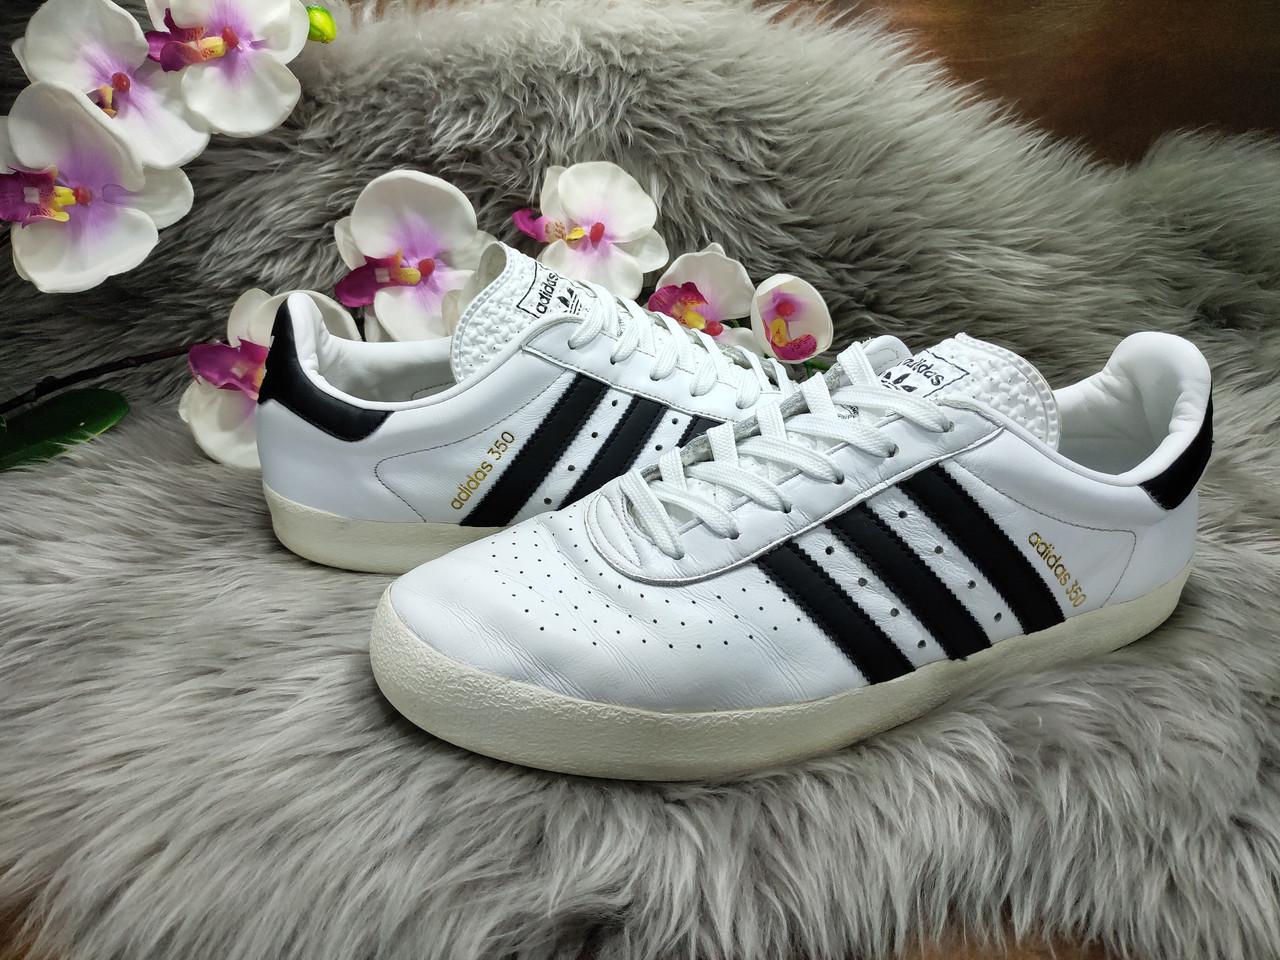 Мужские кроссовки Adidas 350 M (45 размер) бу